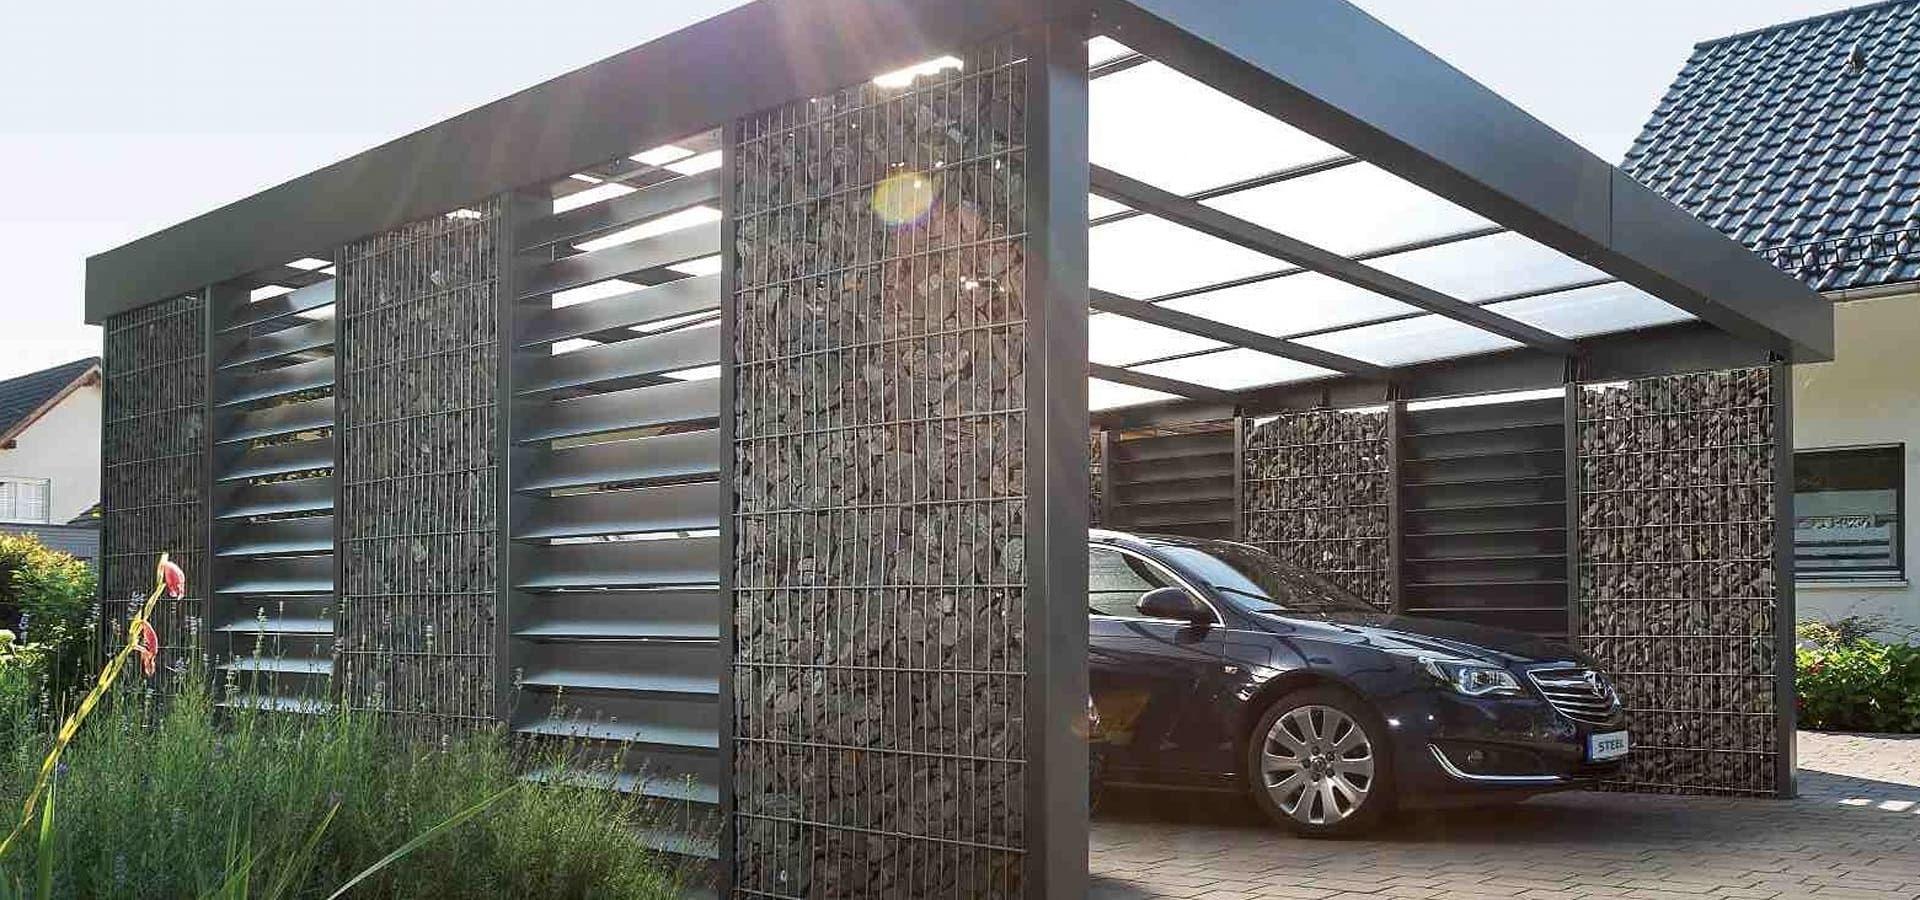 GabionenDoppelcarport von Steelmanufaktur Beyer